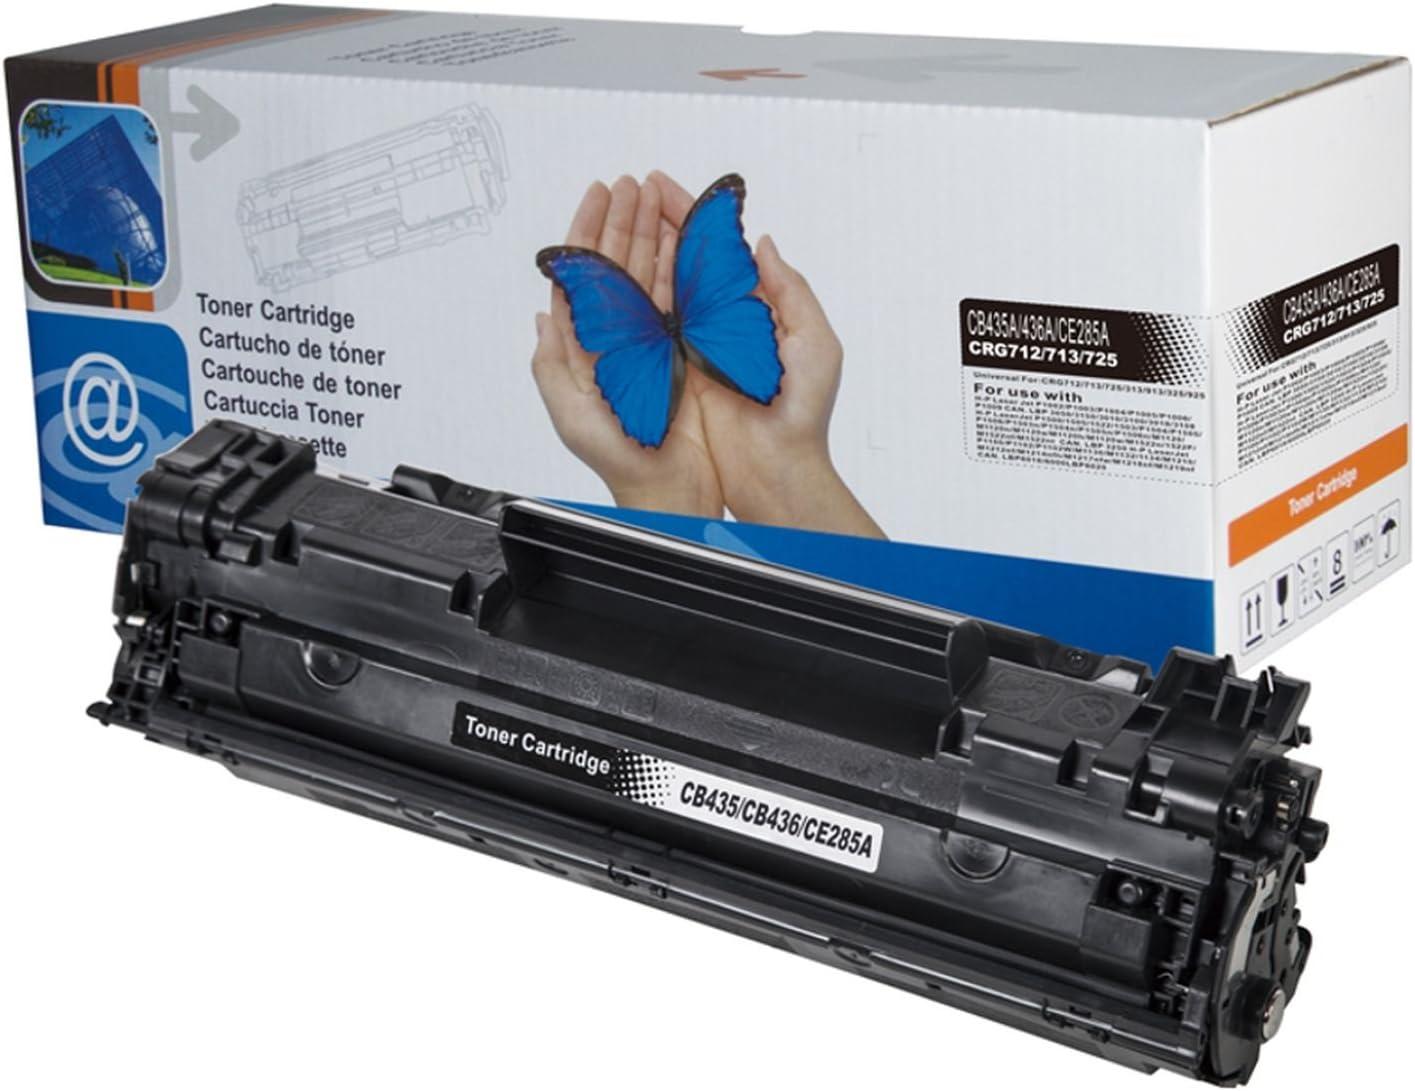 1x Starlet24 Toner Kompatibel Mit Hp Laserdrucker Laserjet Serie P1005 1009 P1100 1108 P1505 M1002 M1120 M1130 1132 M1136 M1210 M1212 M1217 M1522 Bürobedarf Schreibwaren